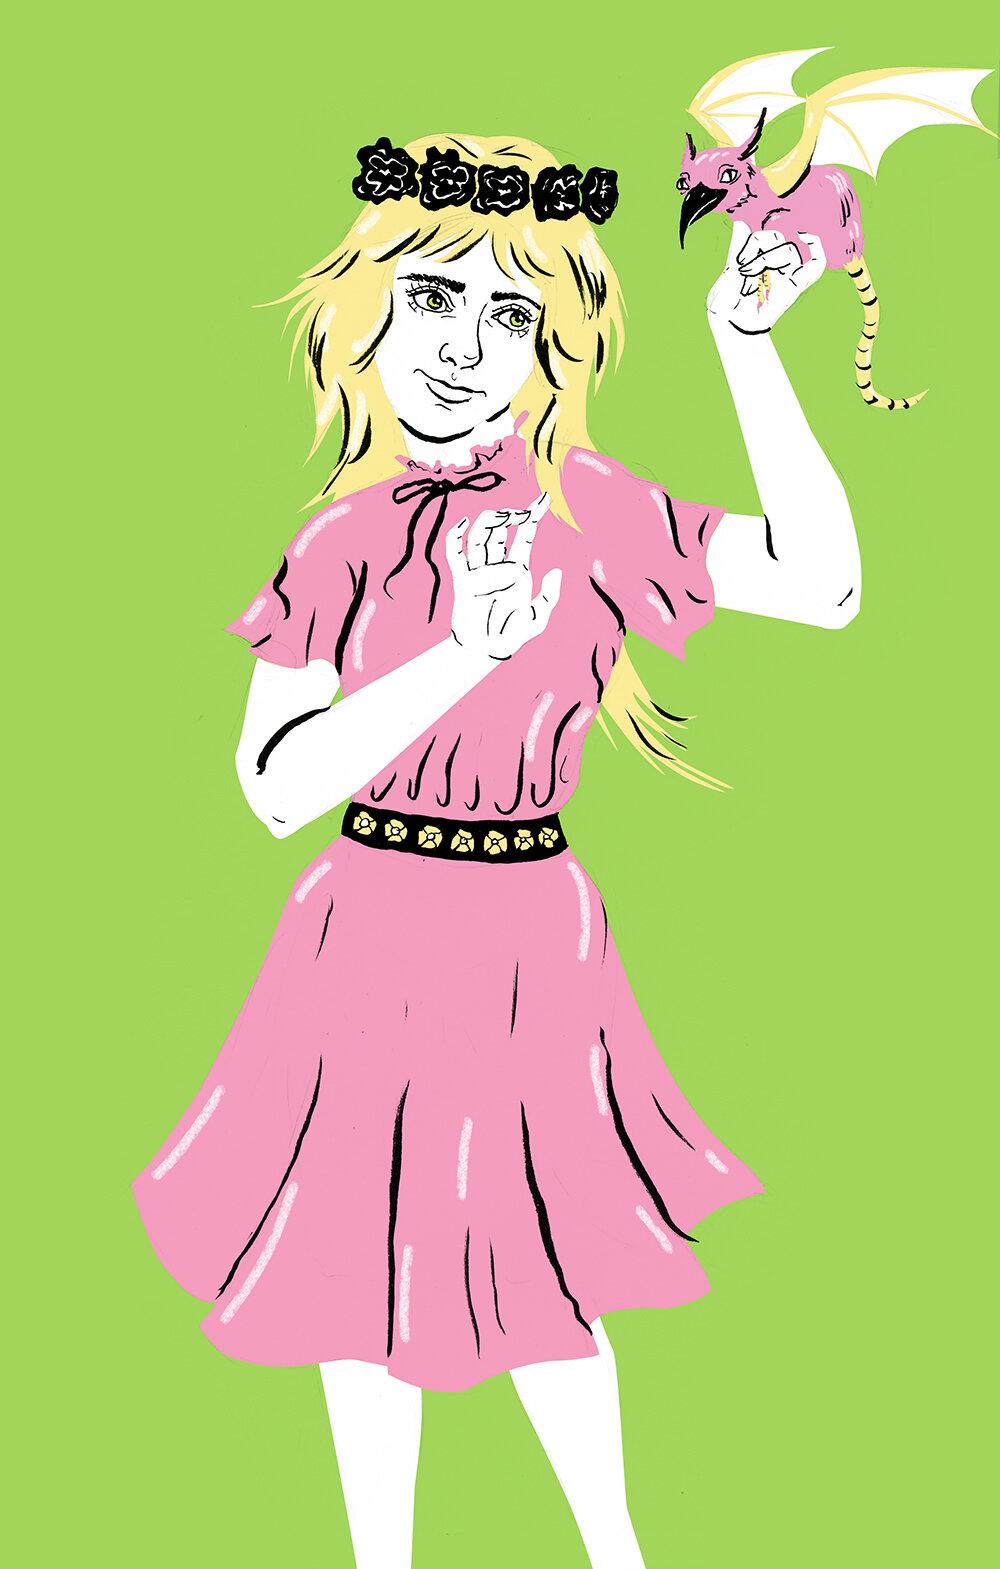 girl dance deamon2 finish smaller.jpg